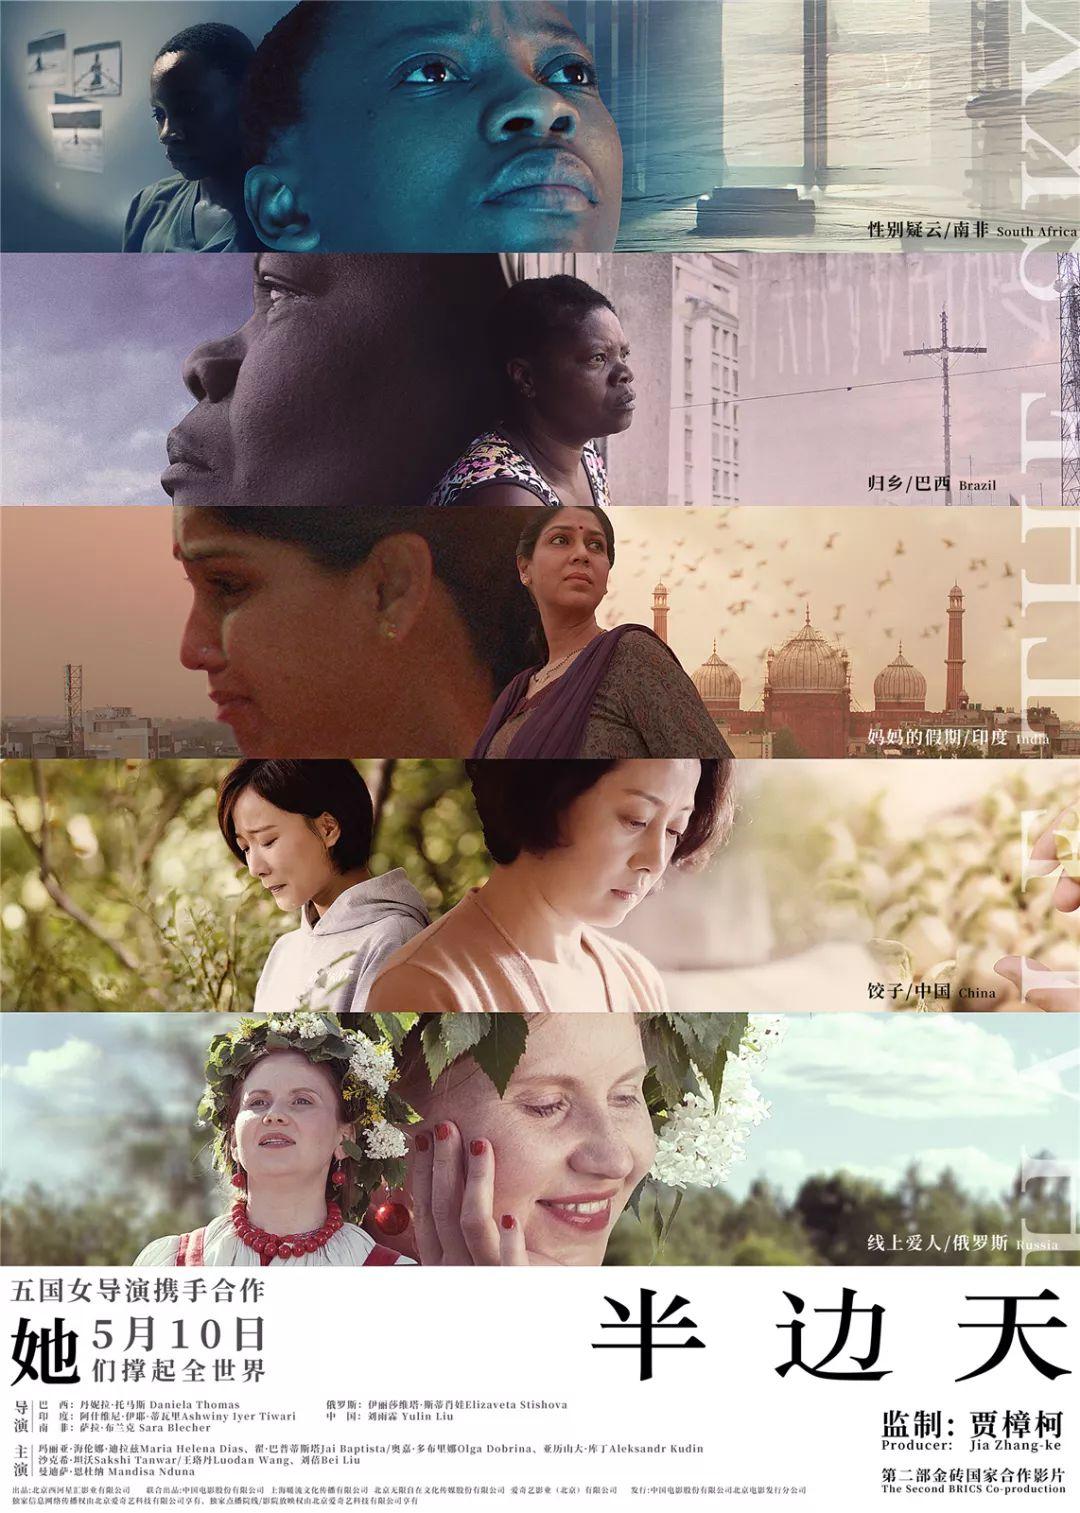 性别认知、文化融合,看完这部电影,也许你会有新的理解